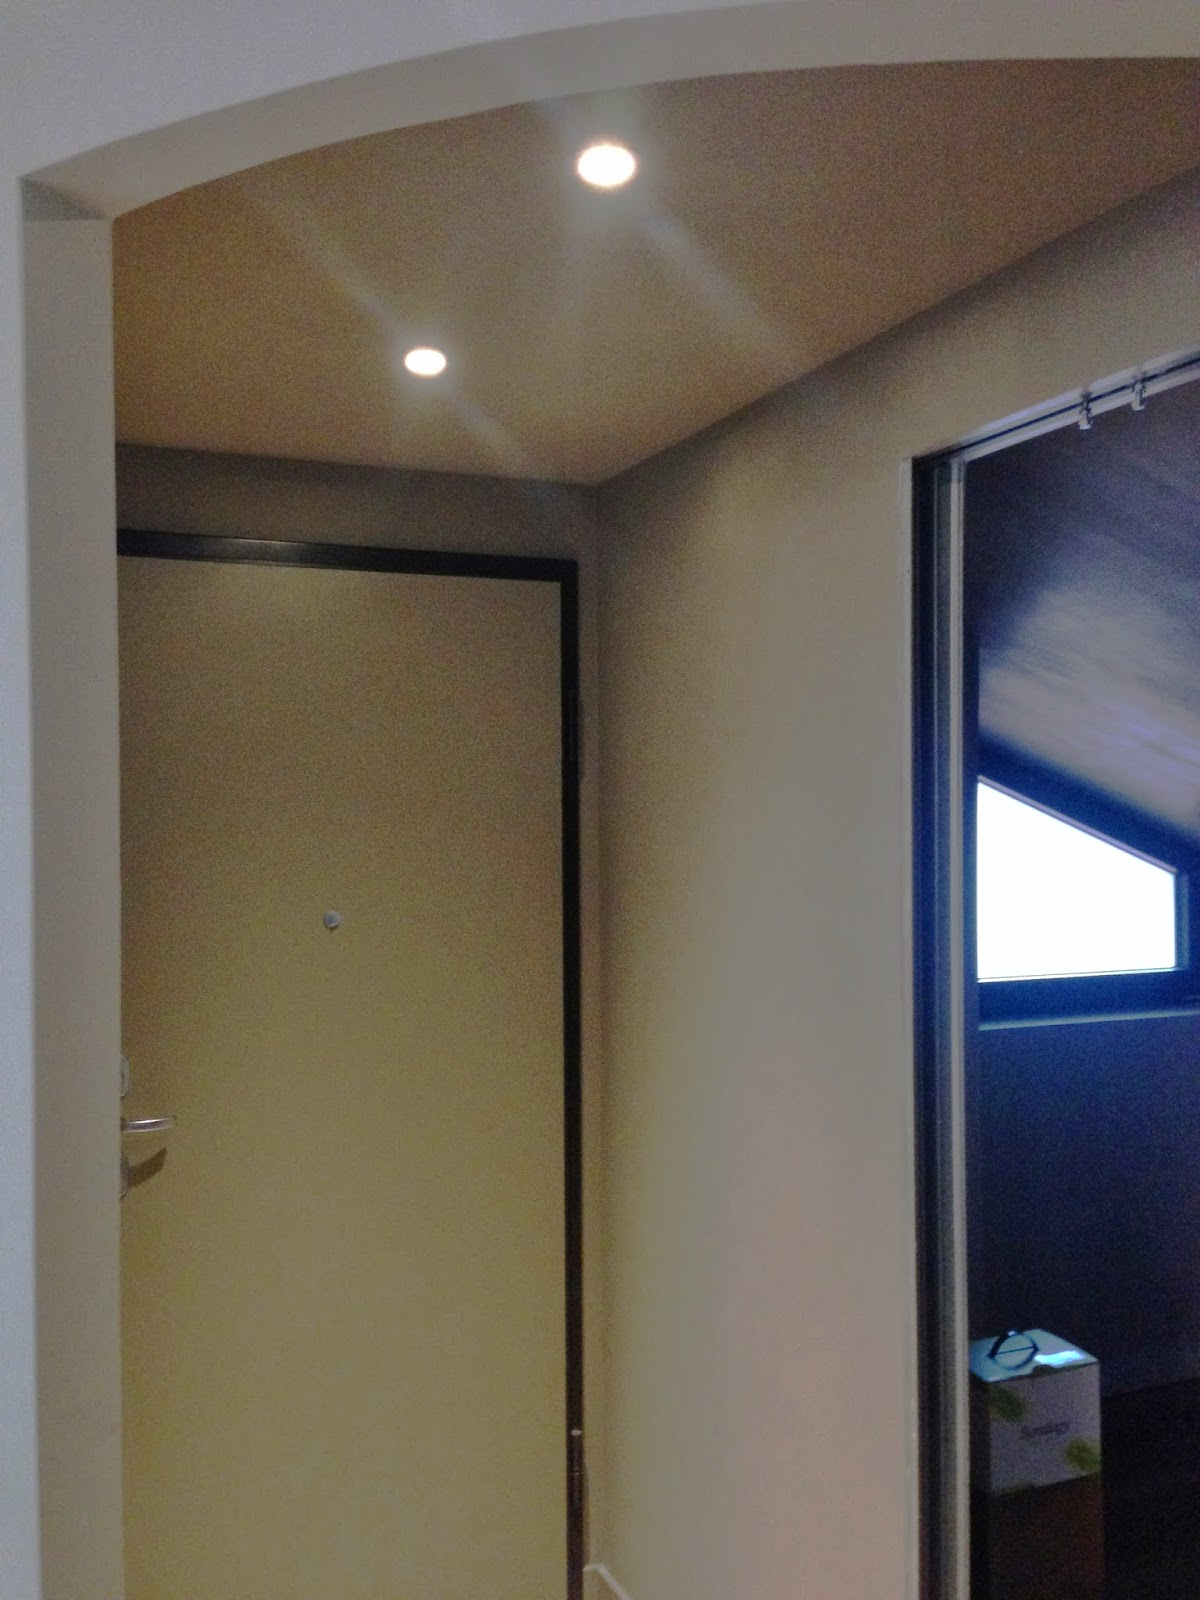 Illuminazione Led casa: marzo 2014